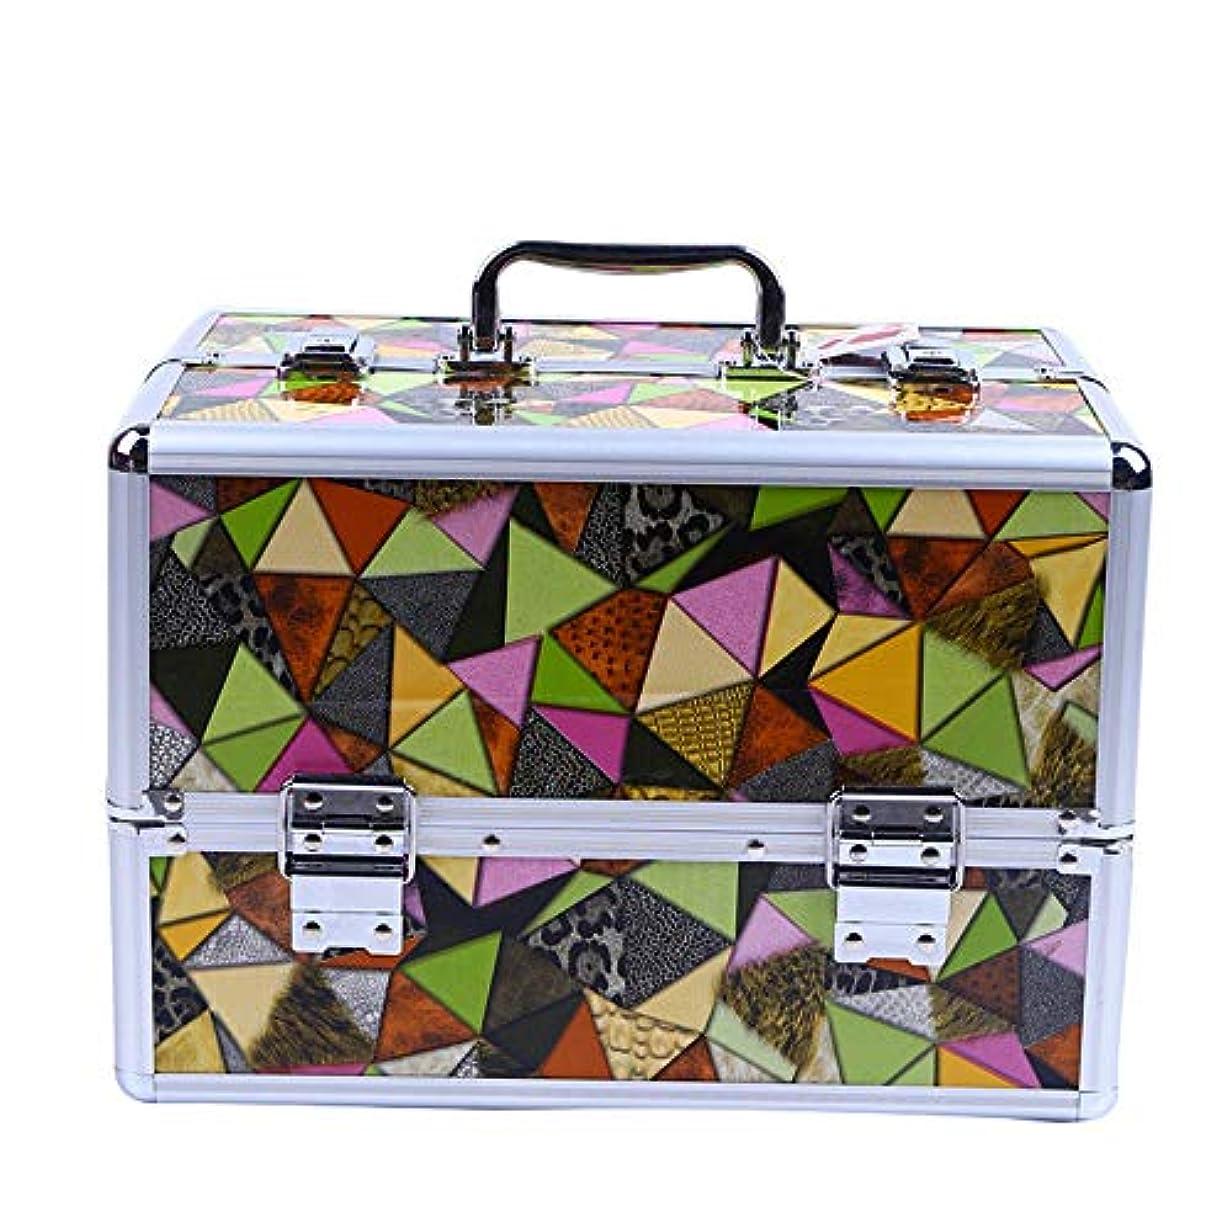 凍結見込み懺悔化粧オーガナイザーバッグ 高容量ポータブルPUレザー化粧品美容メイクアップ化粧ケース幾何学模様と折り畳みトレイ 化粧品ケース